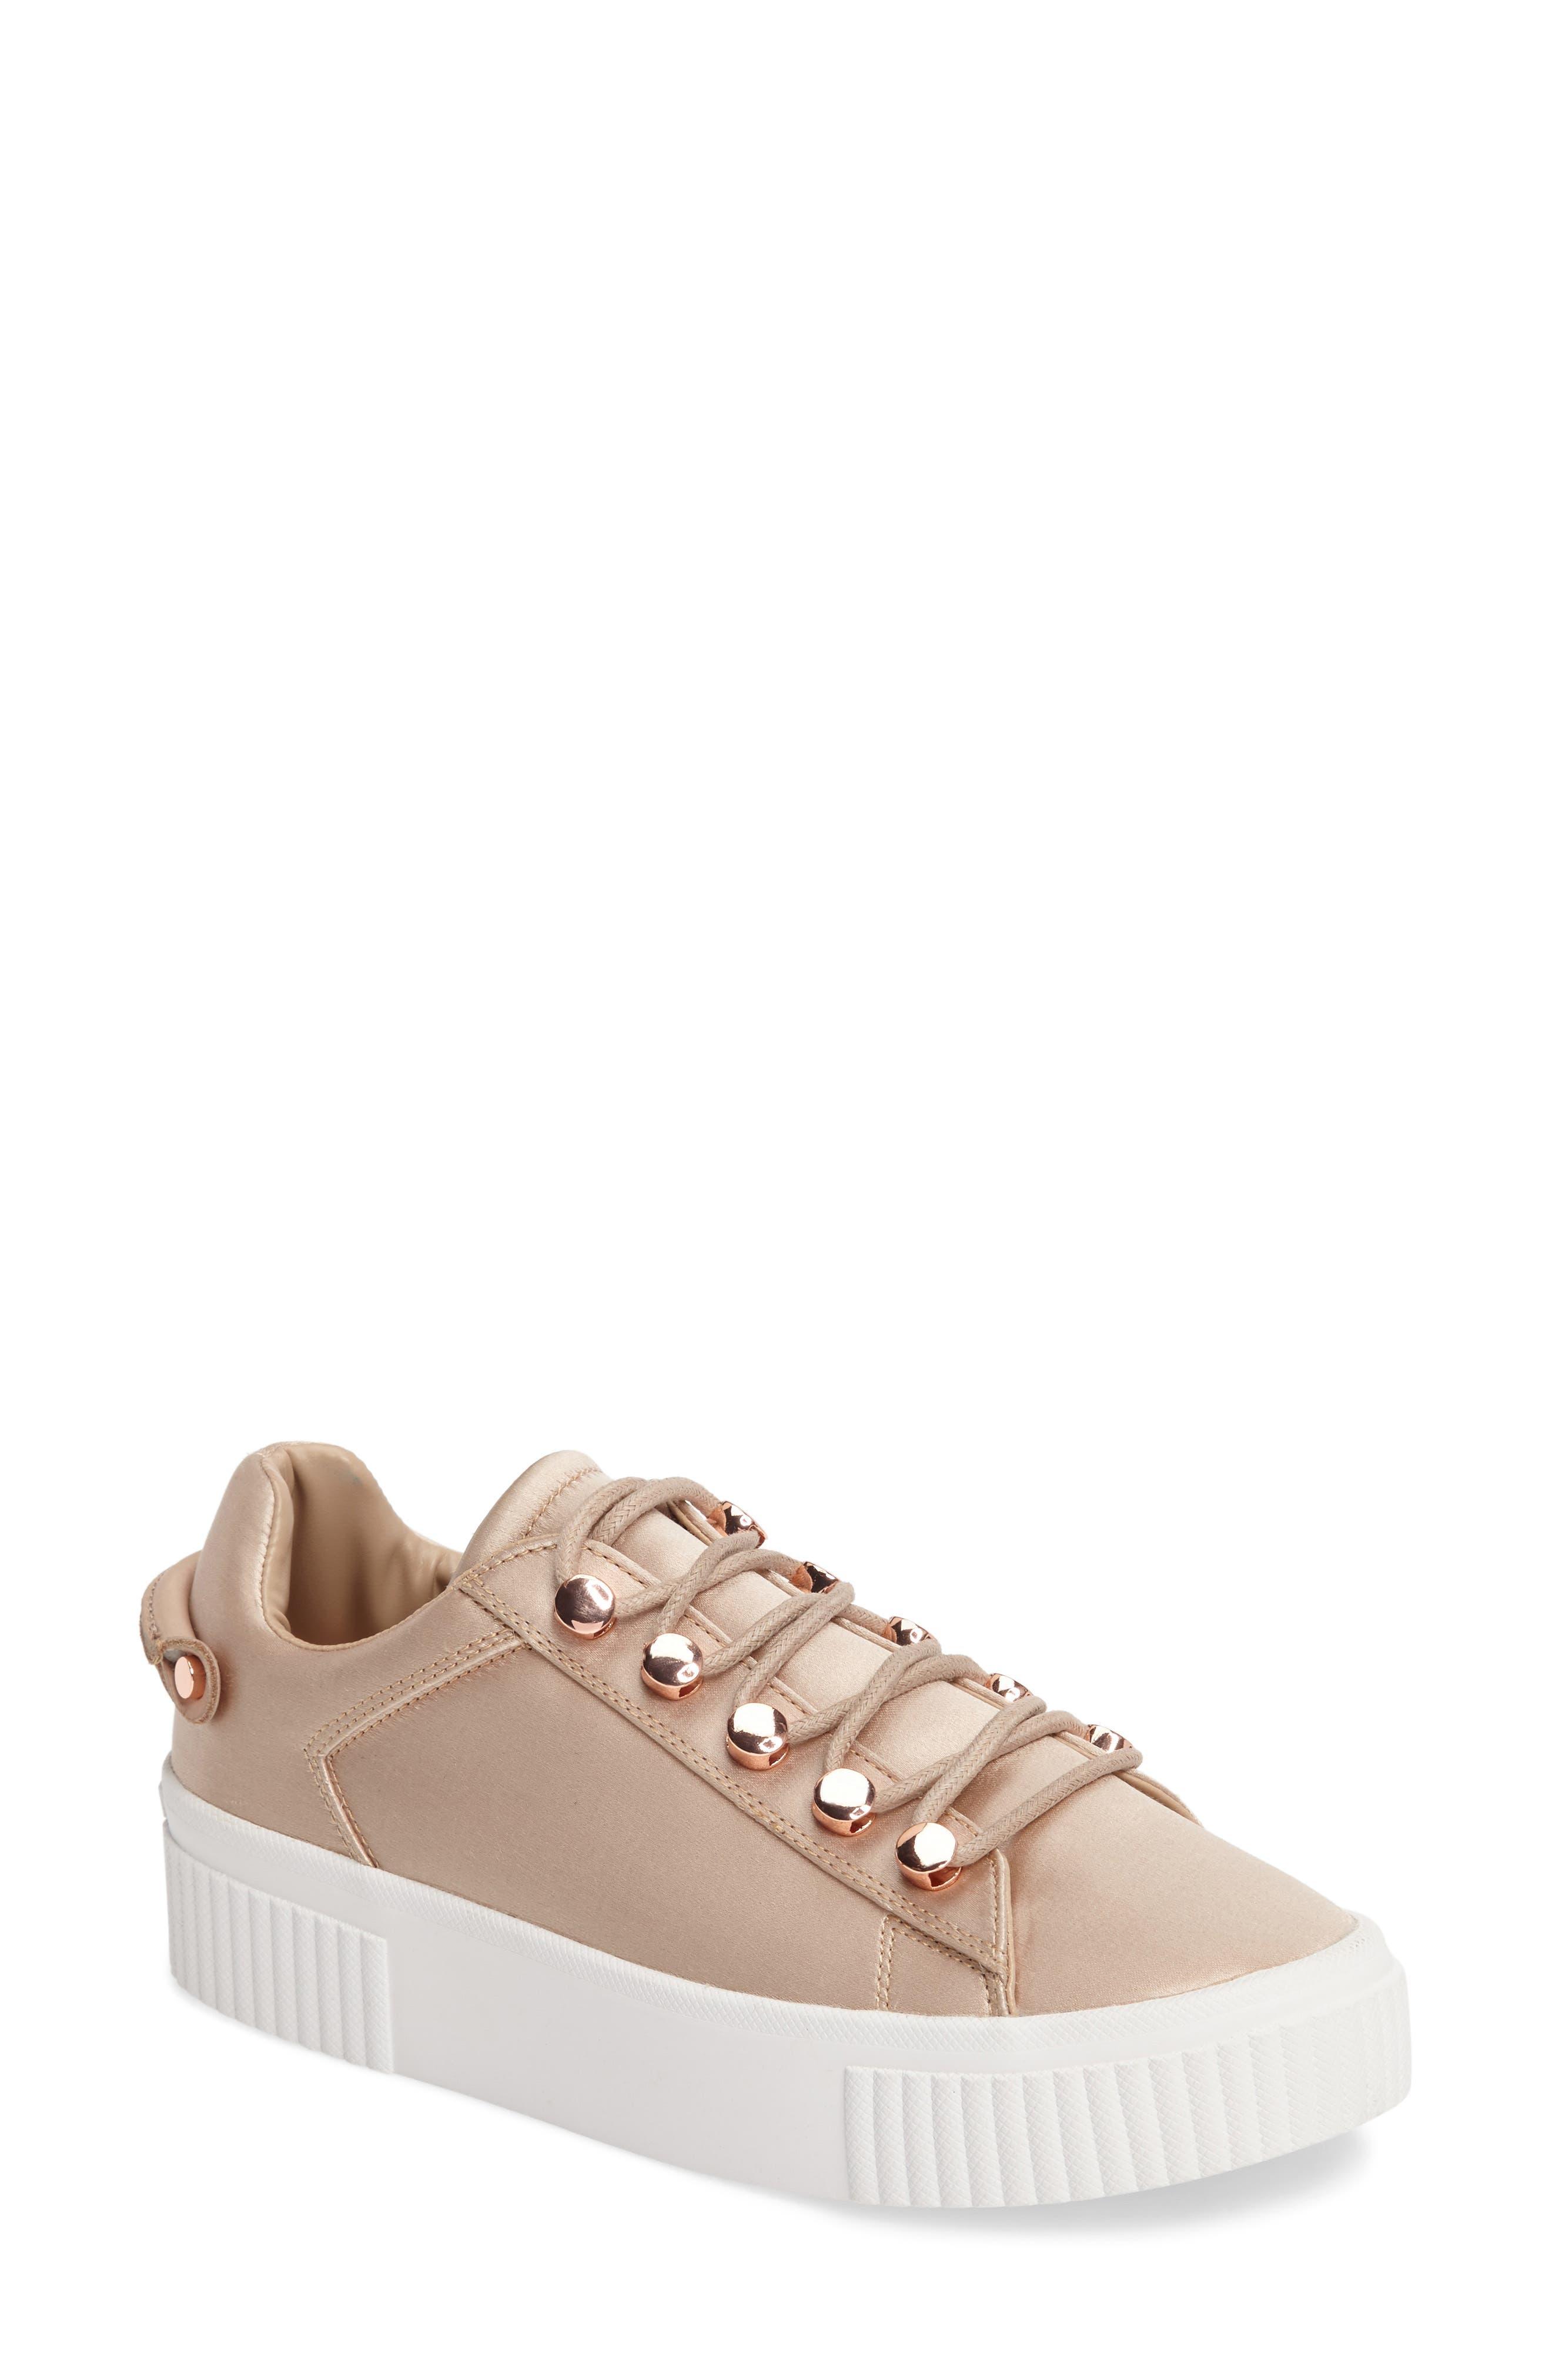 KENDALL + KYLIE Rae 3 Platform Sneaker (Women)